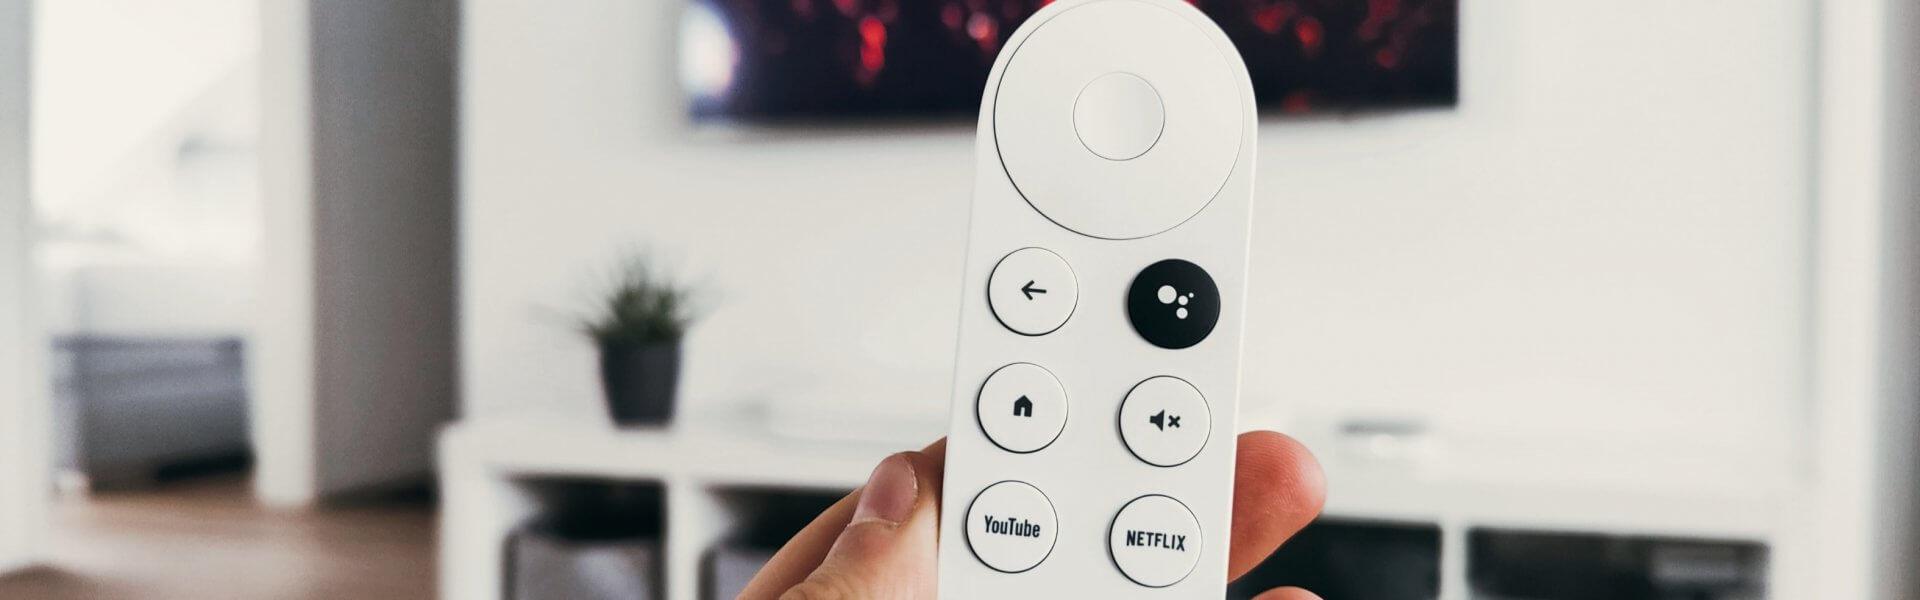 dobry telewizor w 2021